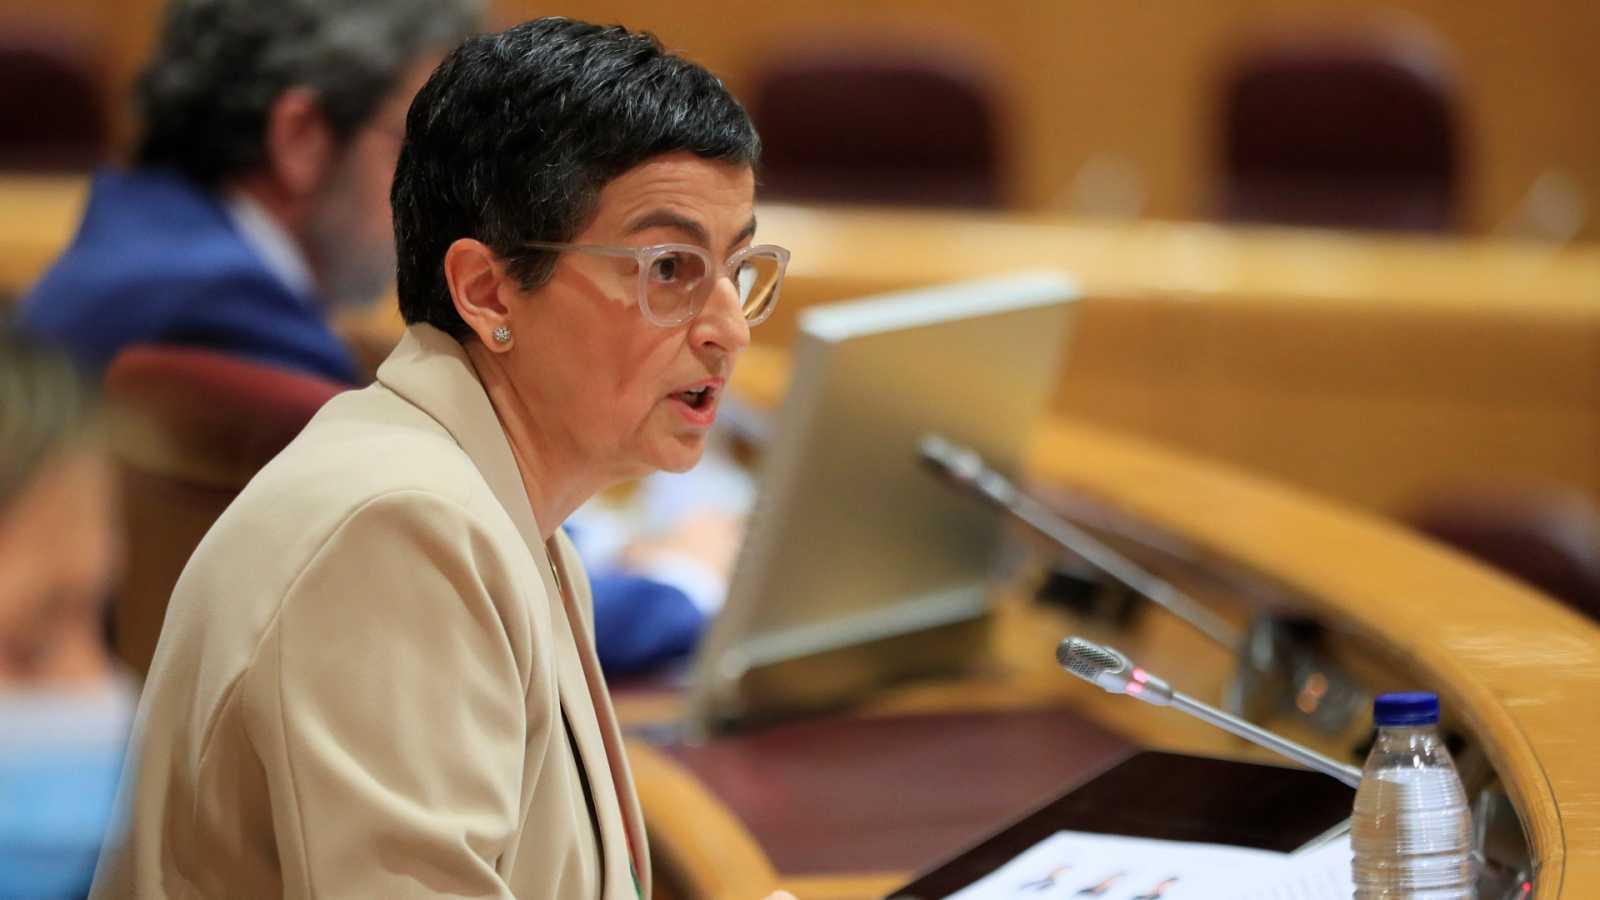 Boletines RNE - González Laya pide más recursos para el Ministerio de Exteriores - Escuchar ahora